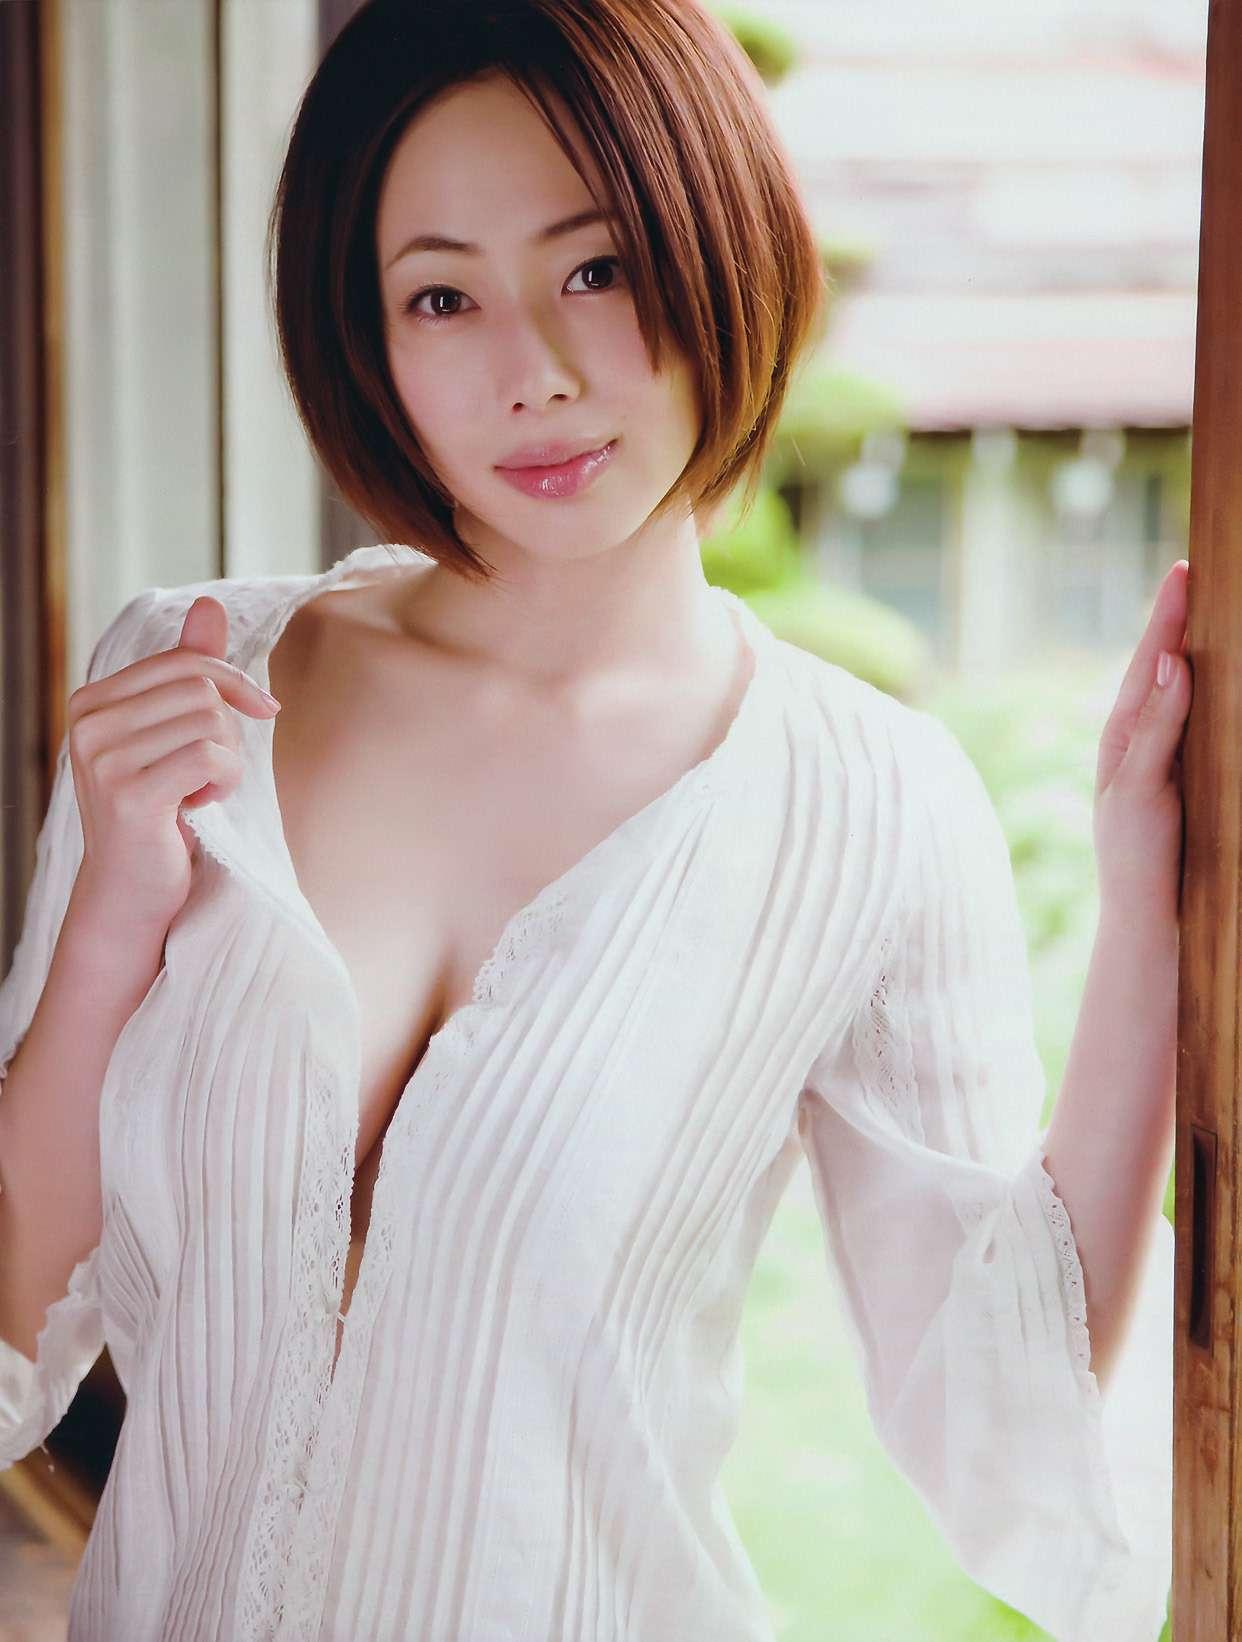 inoue_waka273.jpg